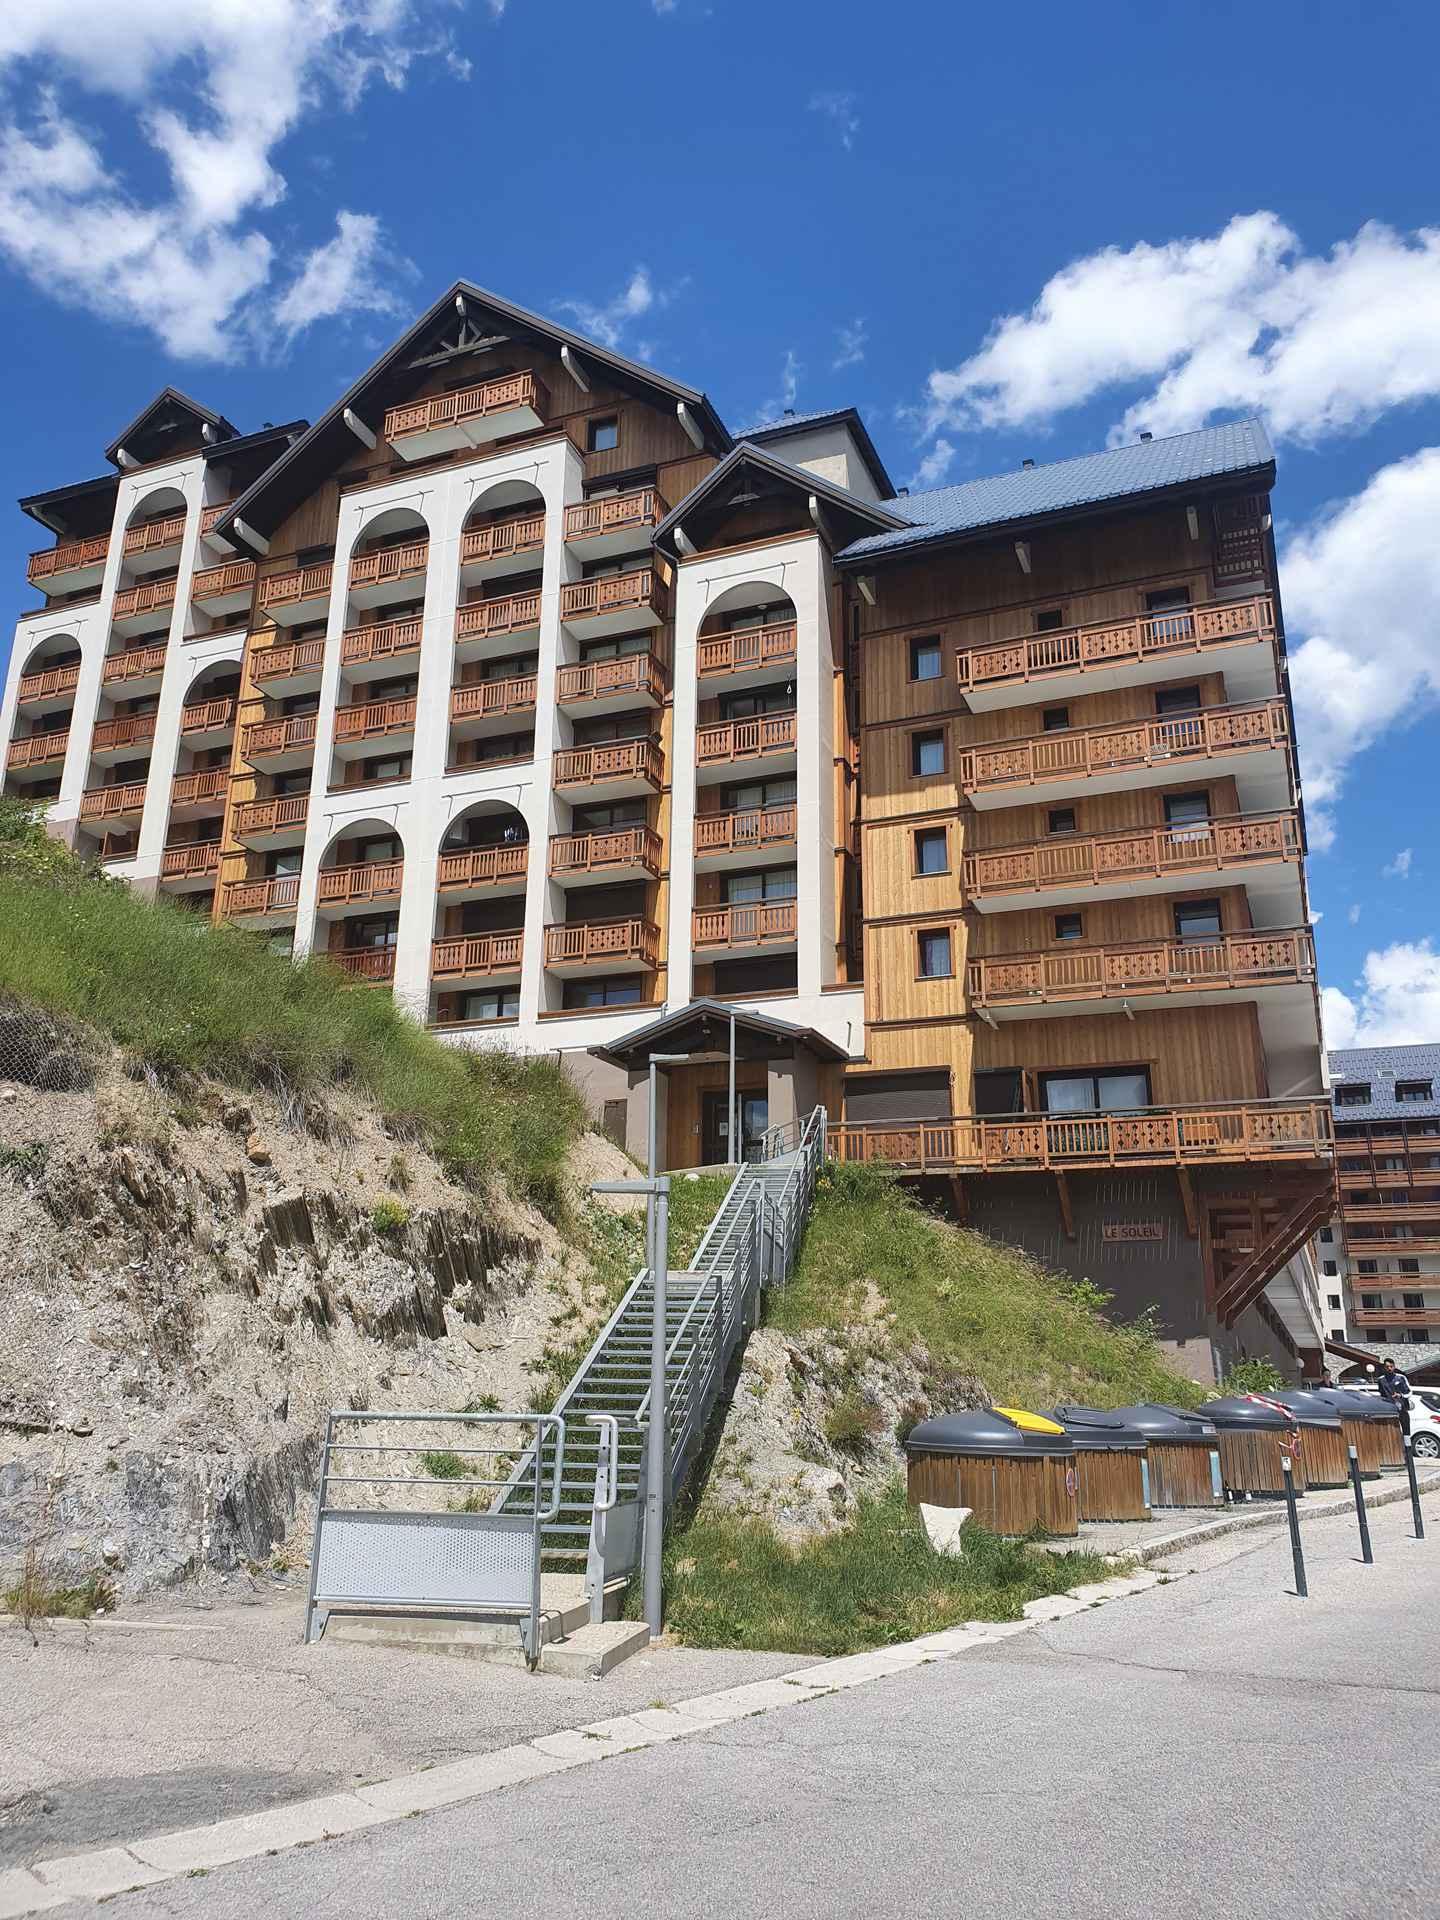 SOLEIL - Les 2 Alpes